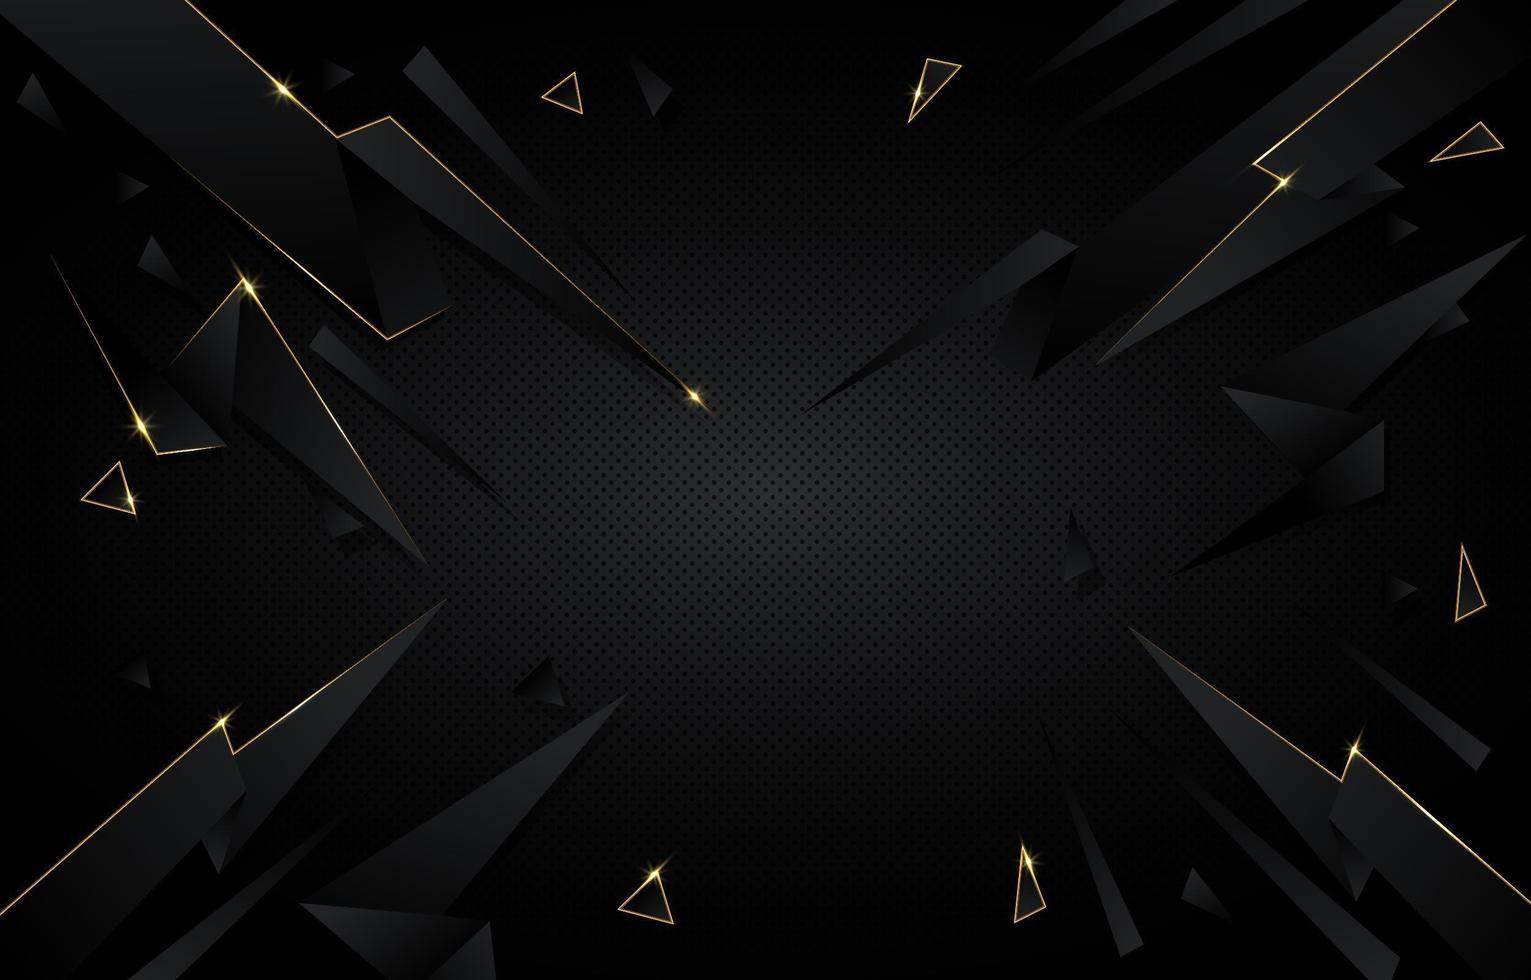 abstrait polygonale noir et or vecteur